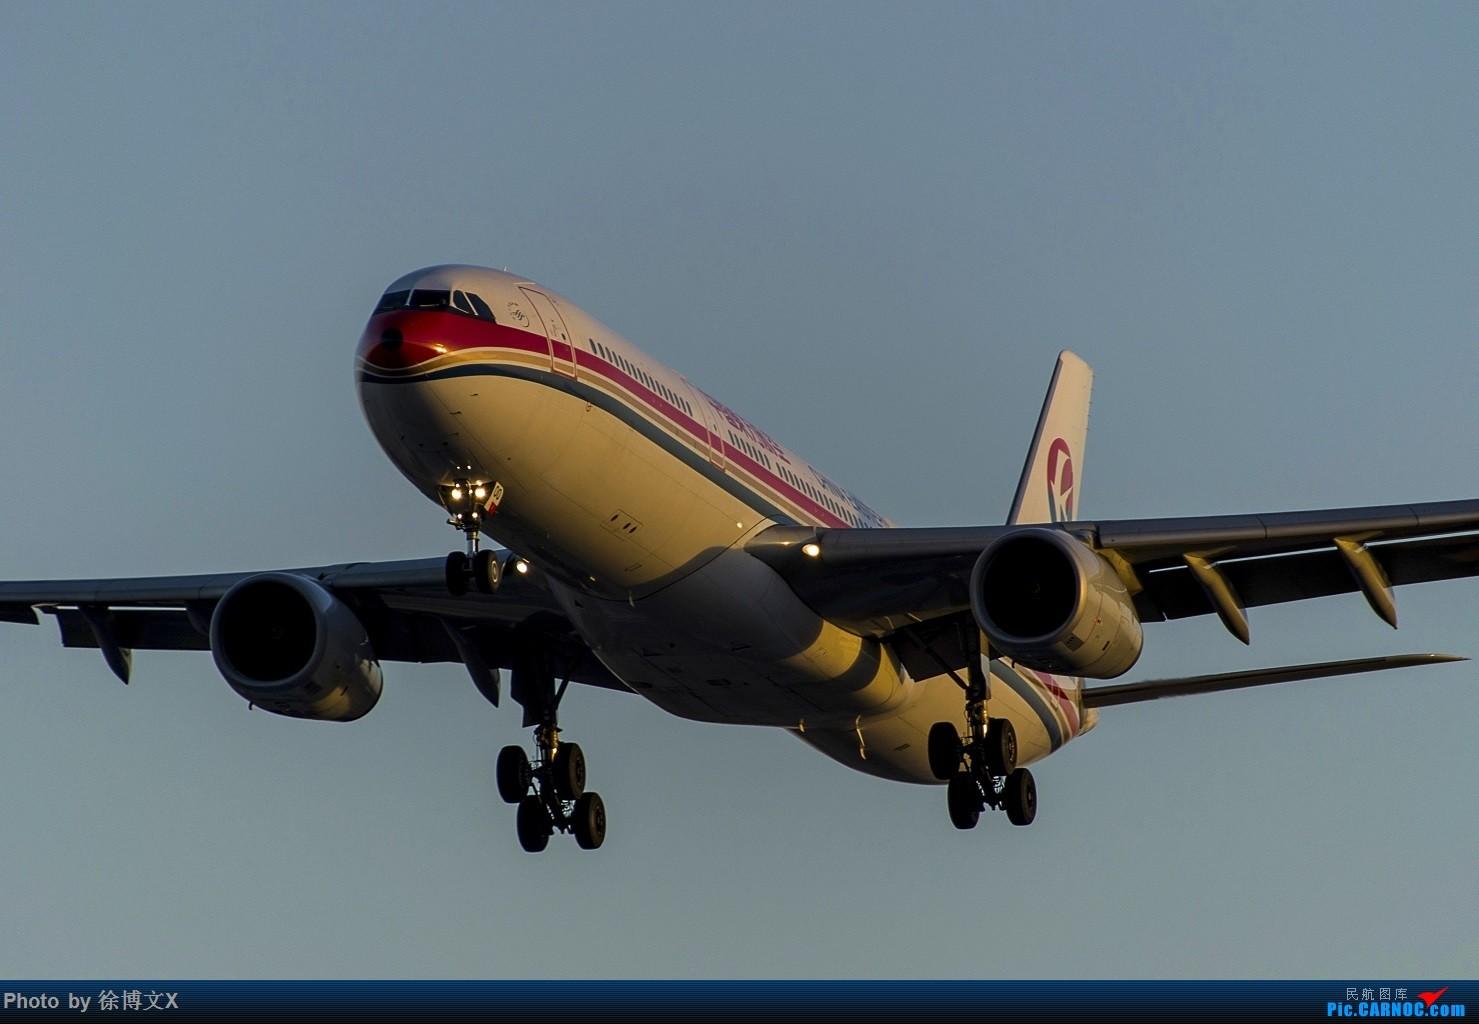 [原创]两图 夕阳下的东方航空.... AIRBUS A330-300 B-6100 中国北京首都国际机场